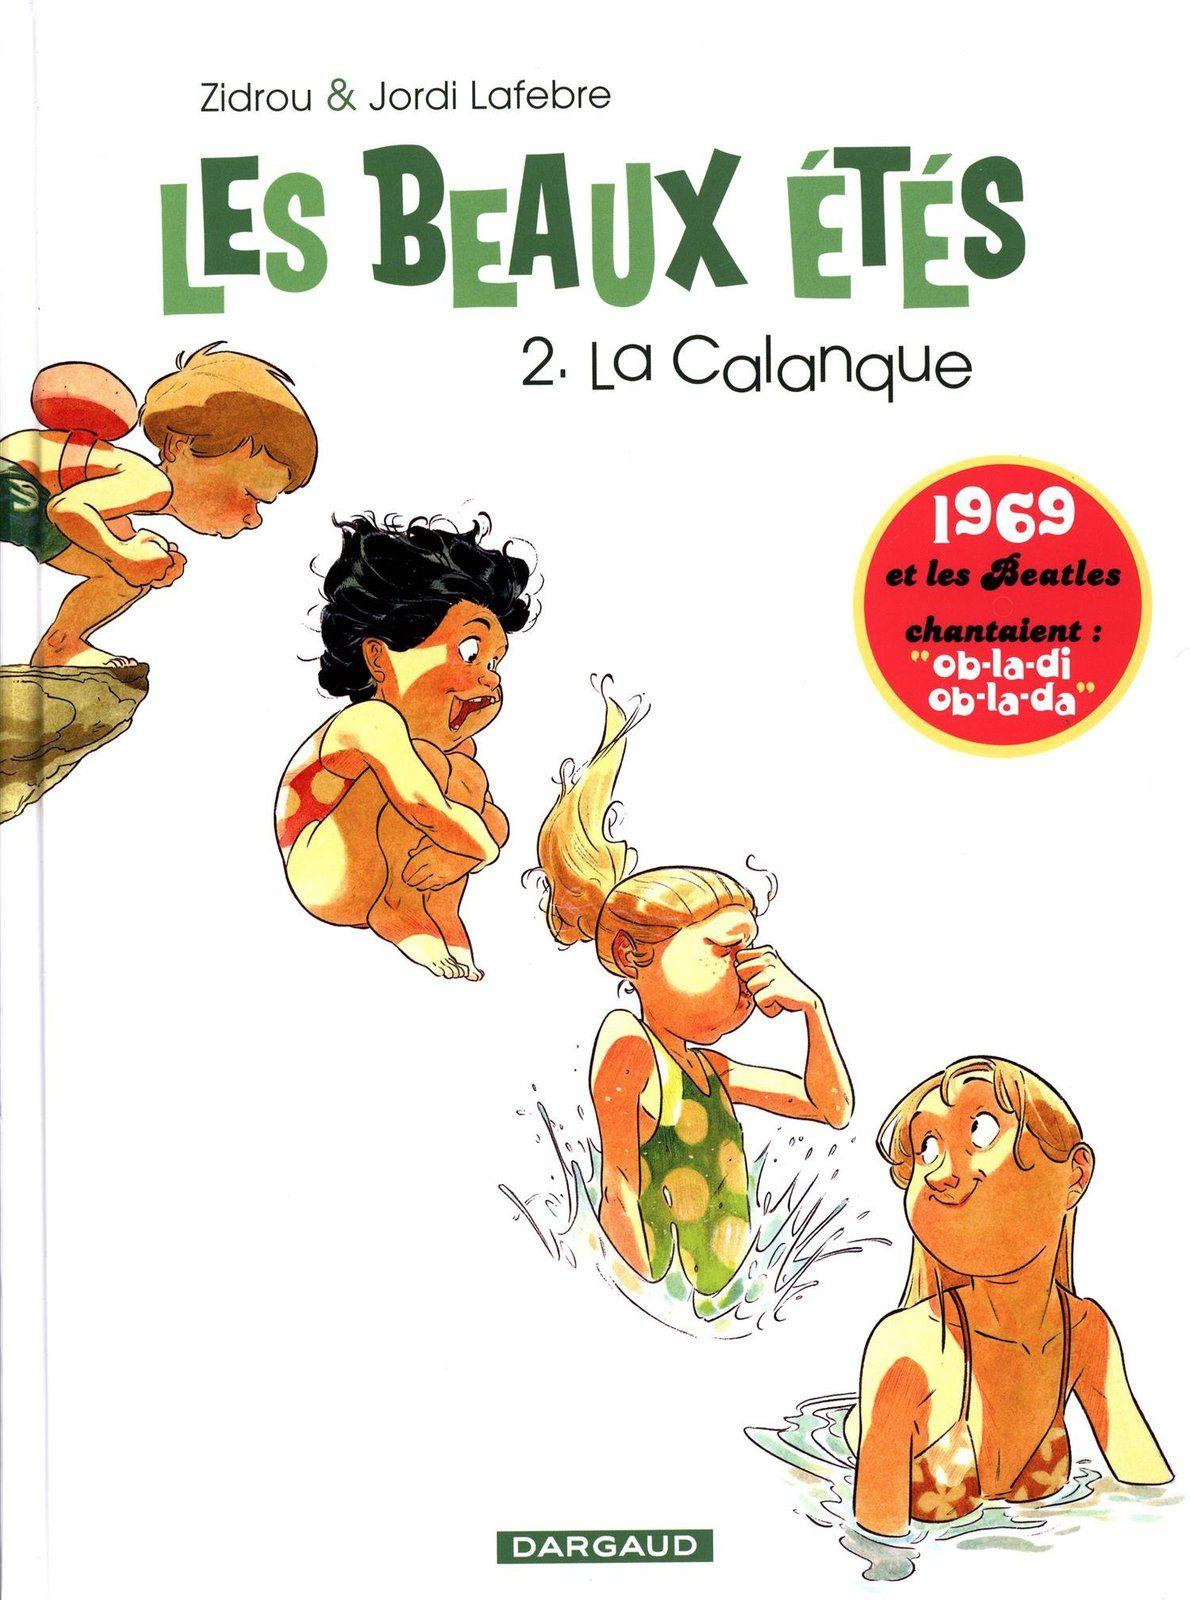 Les beaux étés tome 2 - Zidrou Lafebre